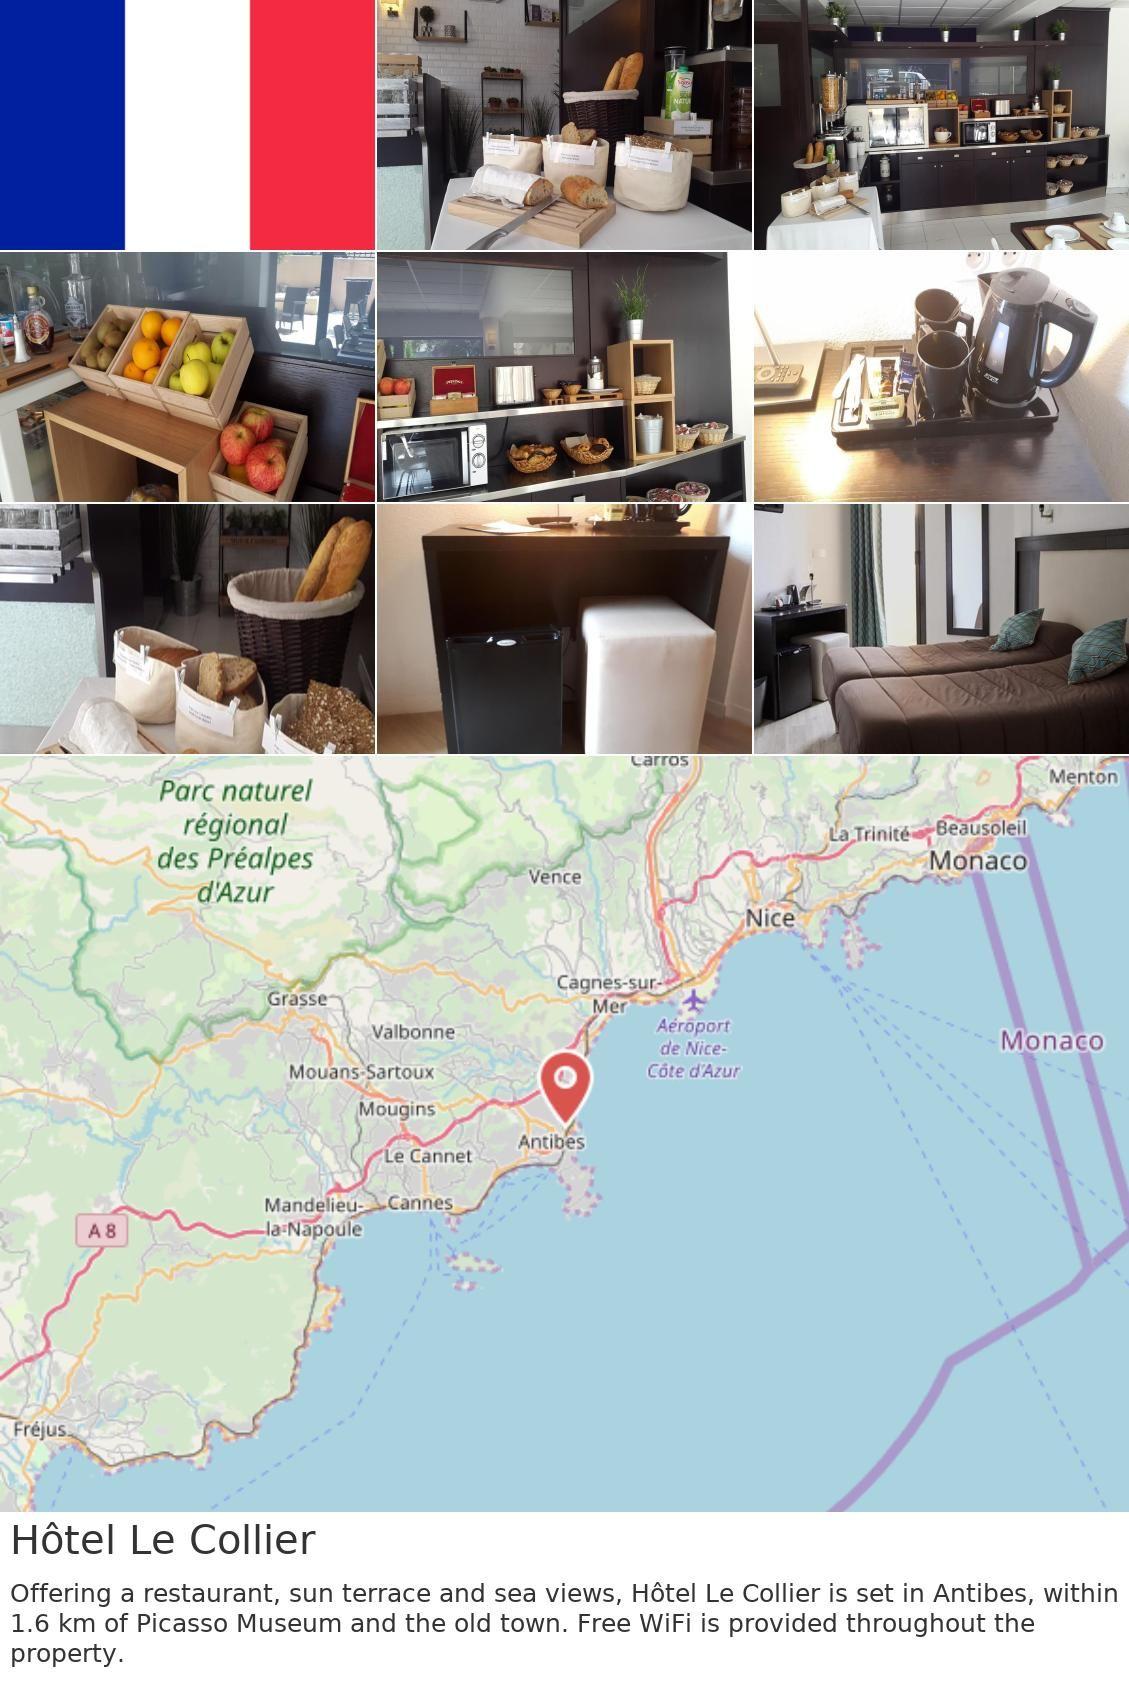 pas de taxe de vente large choix de couleurs haute couture Hôtel Le Collier | France in 2019 | Antibes, Terrace, Free wifi